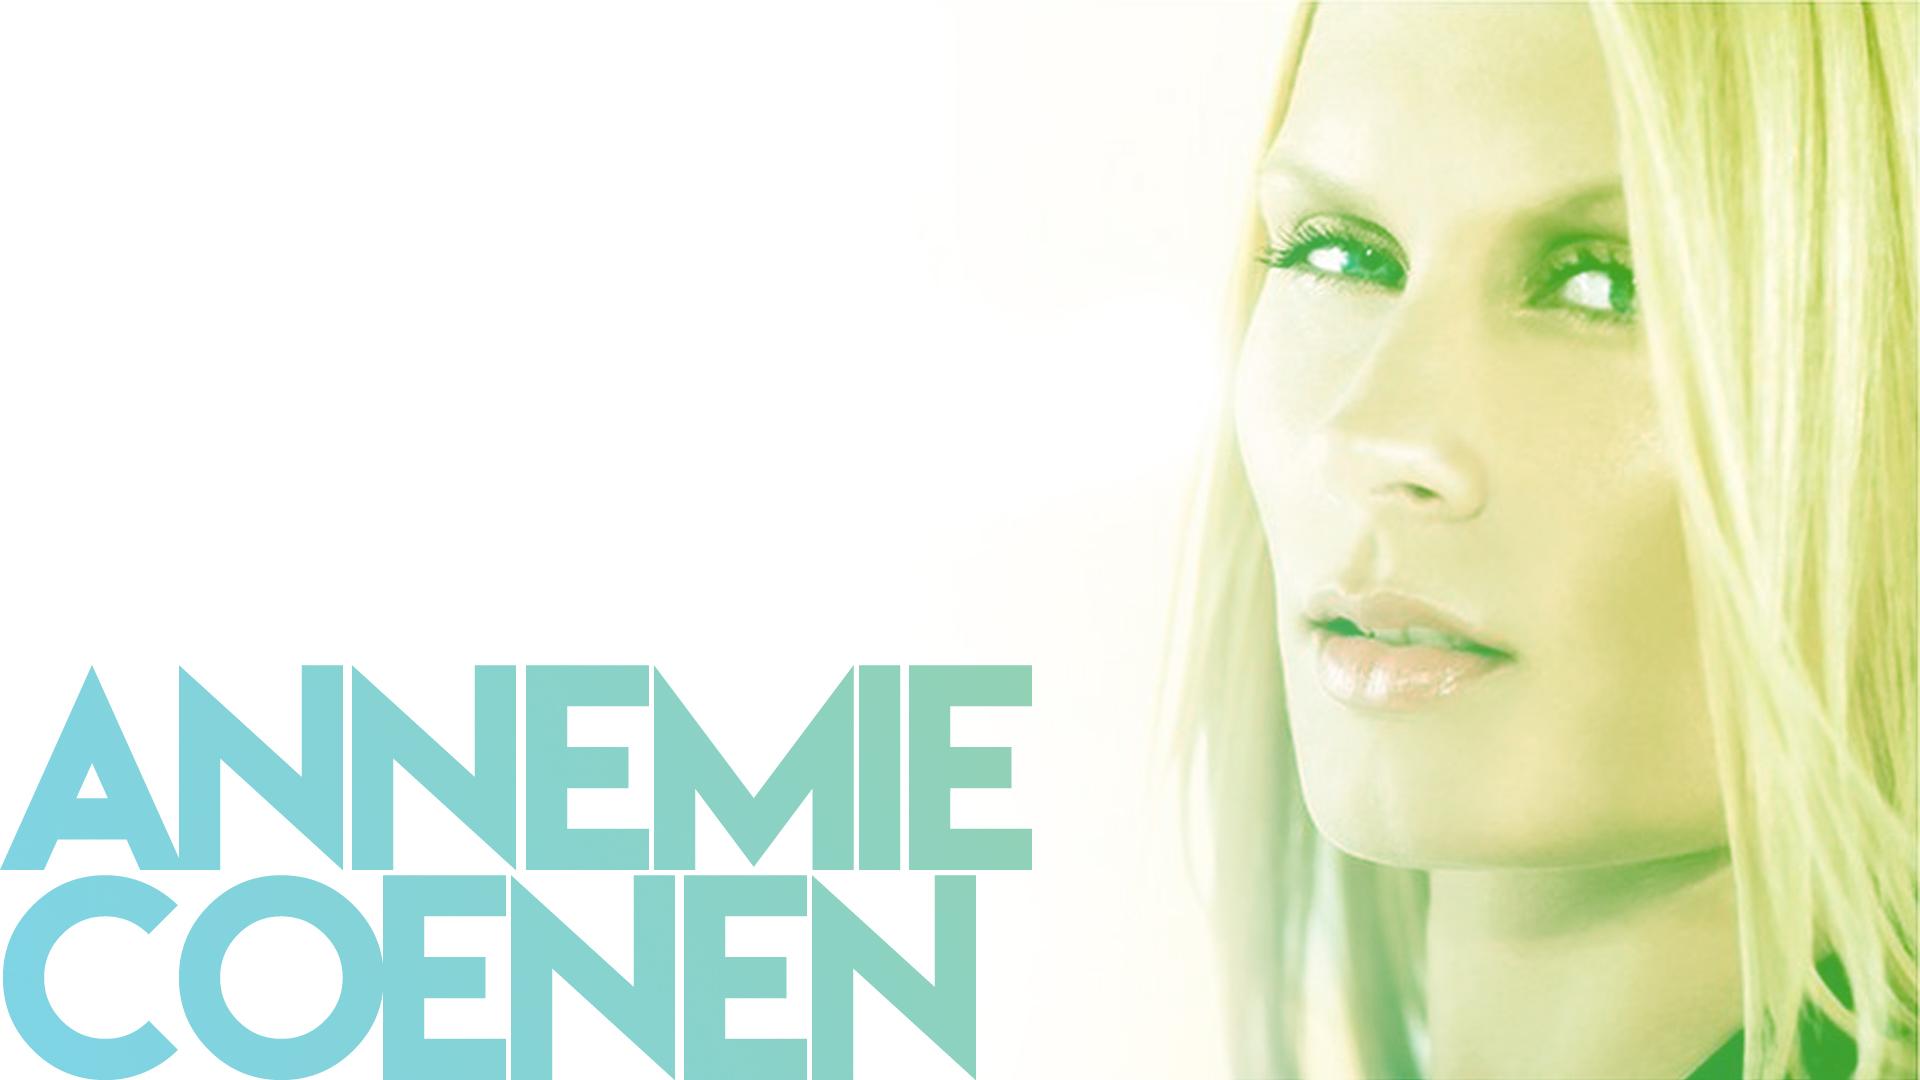 Annemie